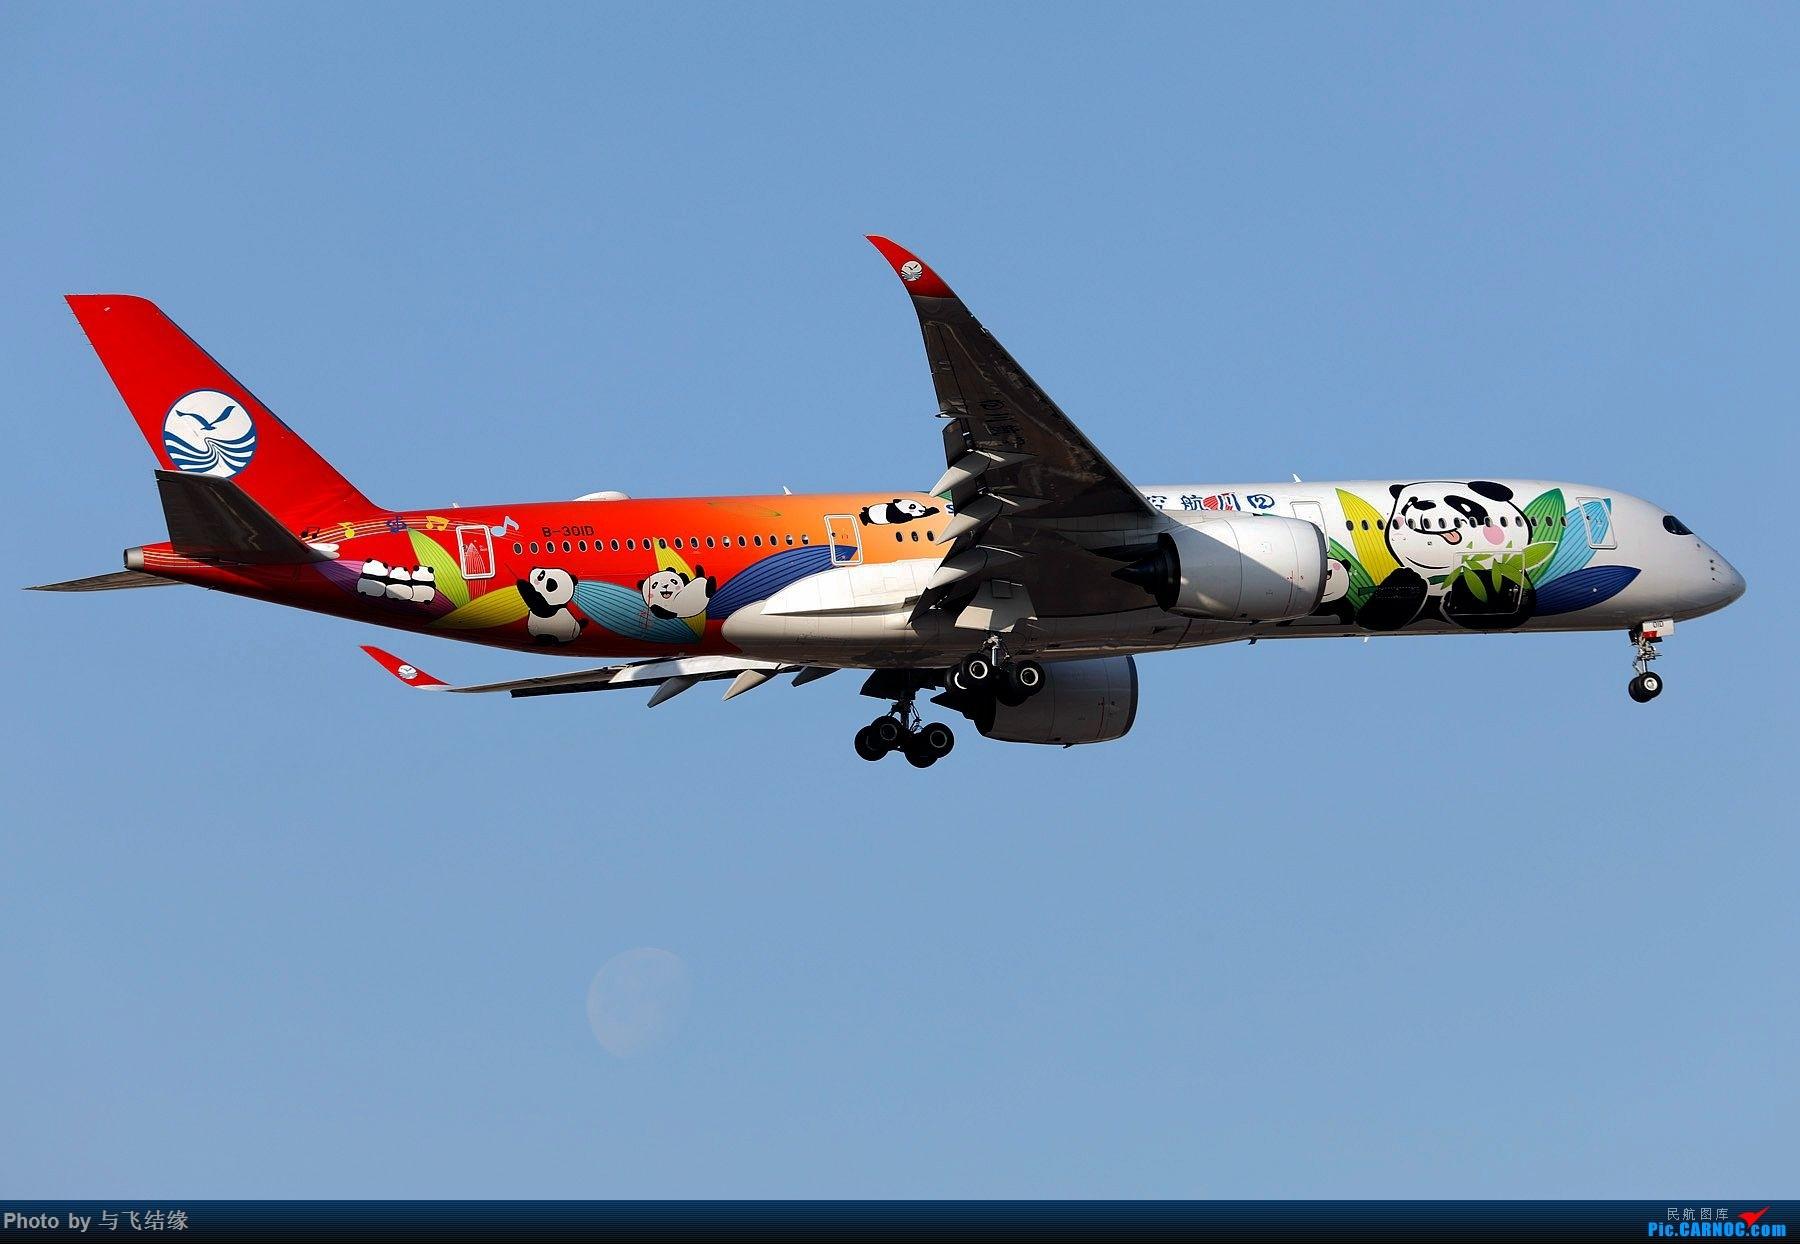 Re:[原创]近期的几张图,以空客为主吧。 AIRBUS A350-900 B-301D 中国北京首都国际机场